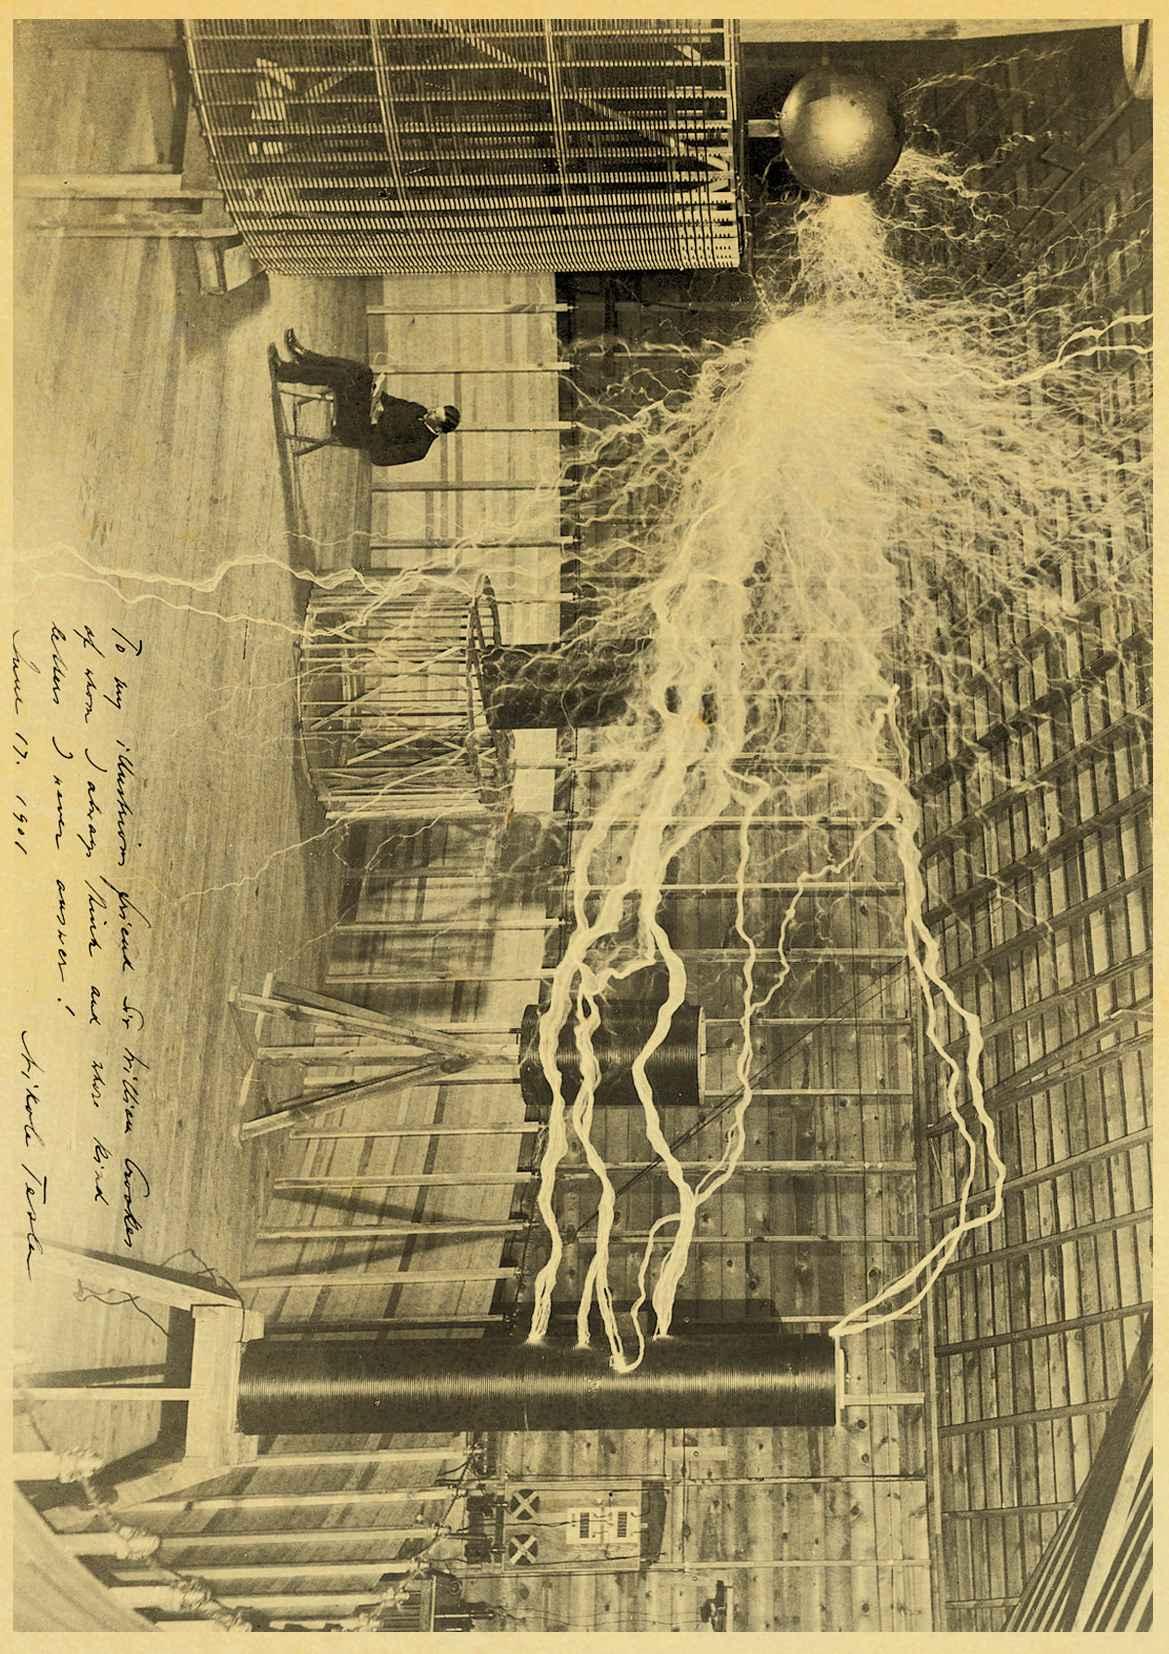 P/óster de Nikola Tesla E043,30 x 21 cm